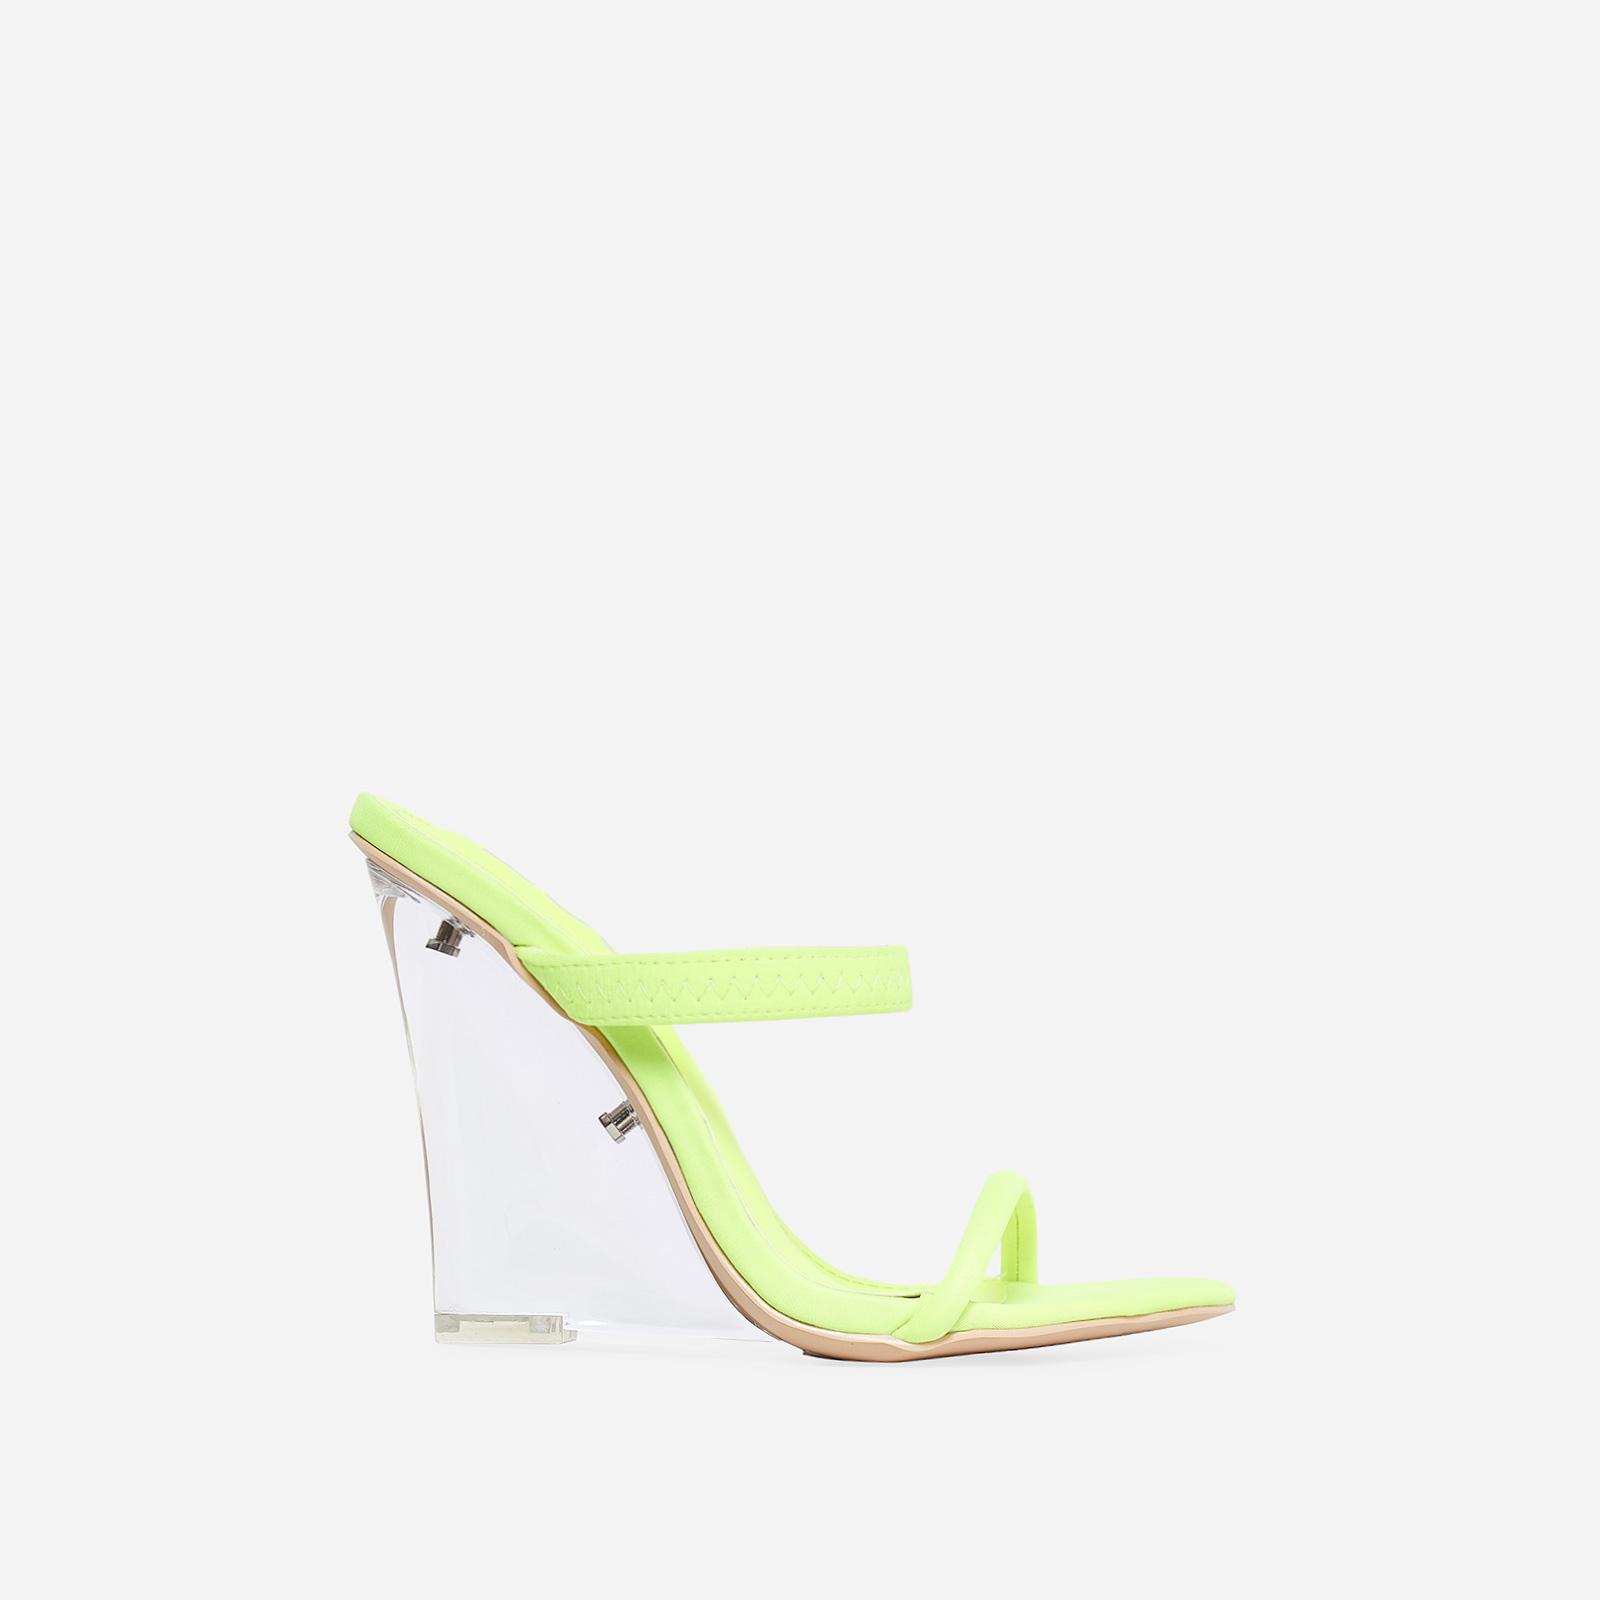 Bliss Perspex Wedge Mule In Lime Green Lycra